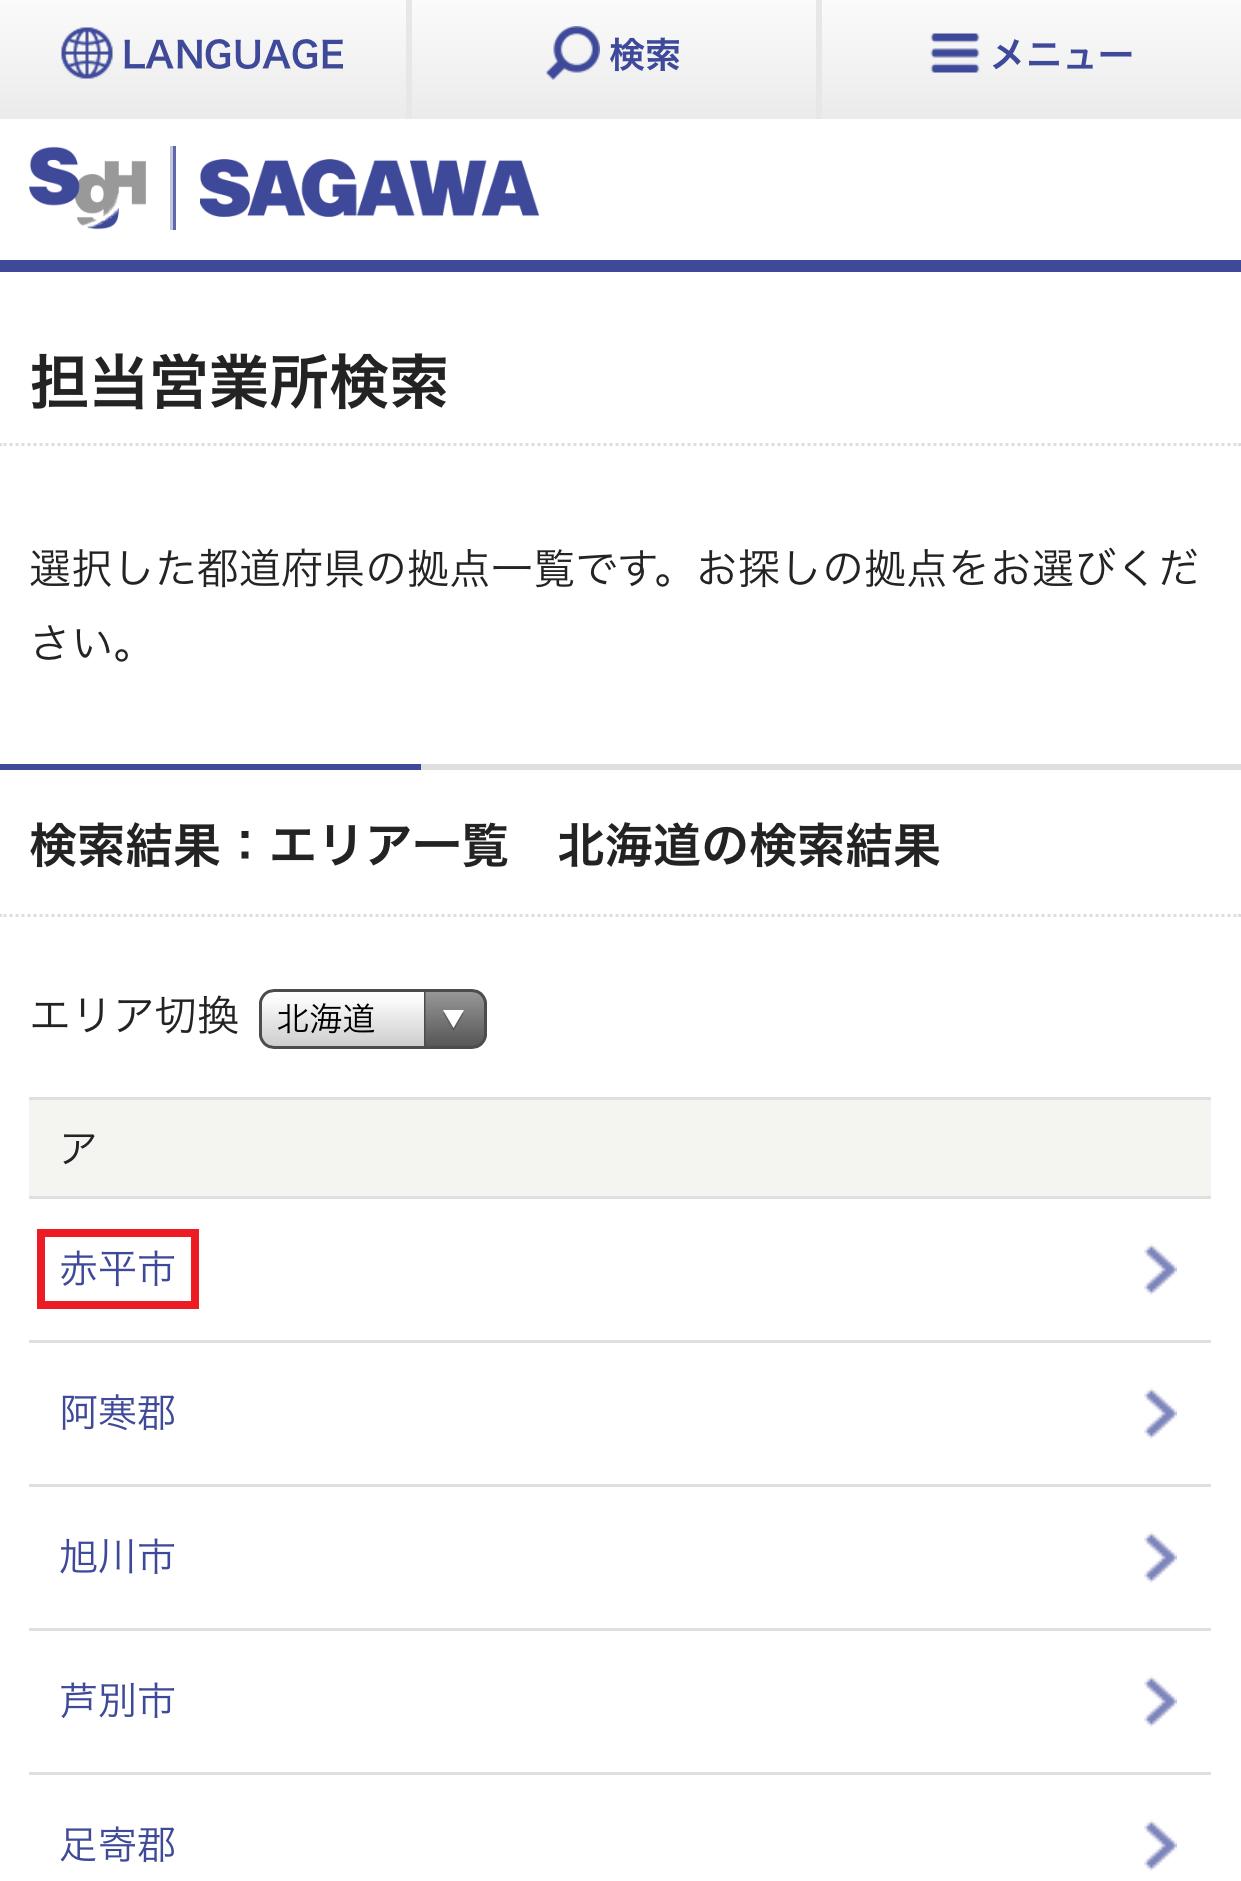 佐川急便公式サイト「担当営業所検索 エリア一覧」